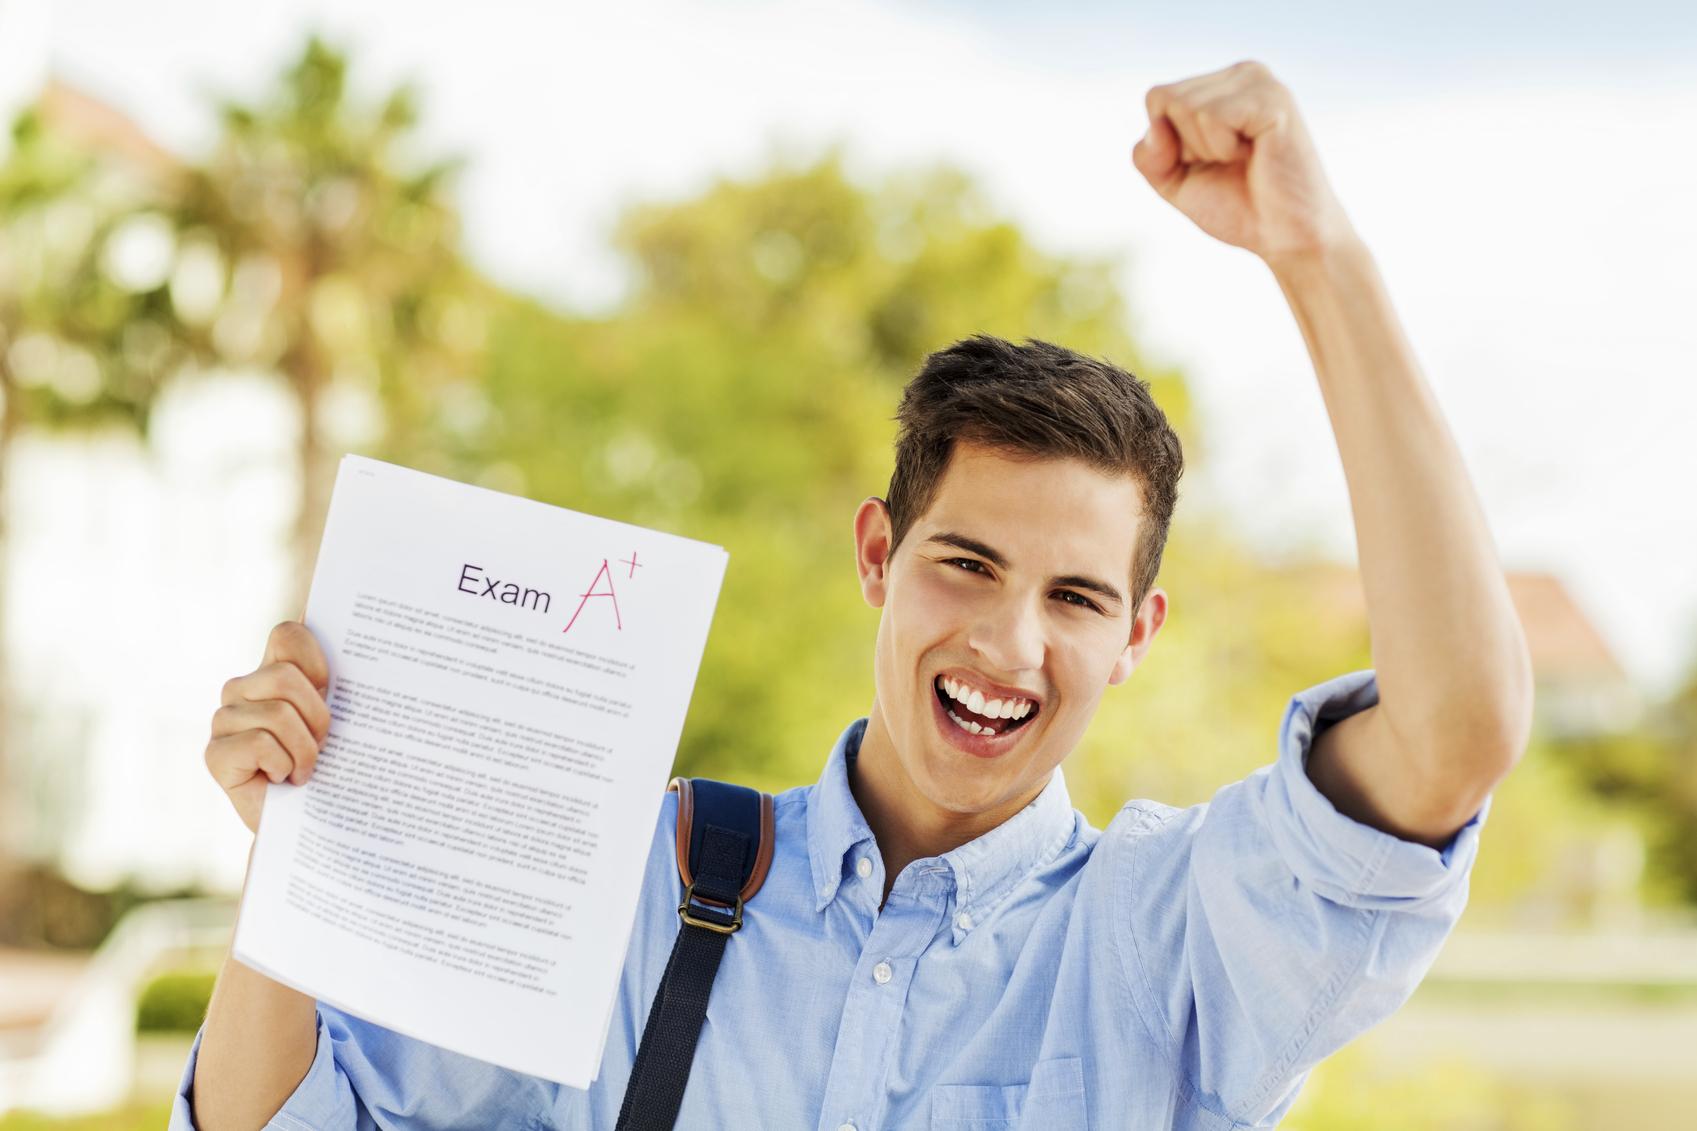 Ôn tập kỹ phần 3 của bài nói để hoàn thành phần thi một cách trọn vẹn